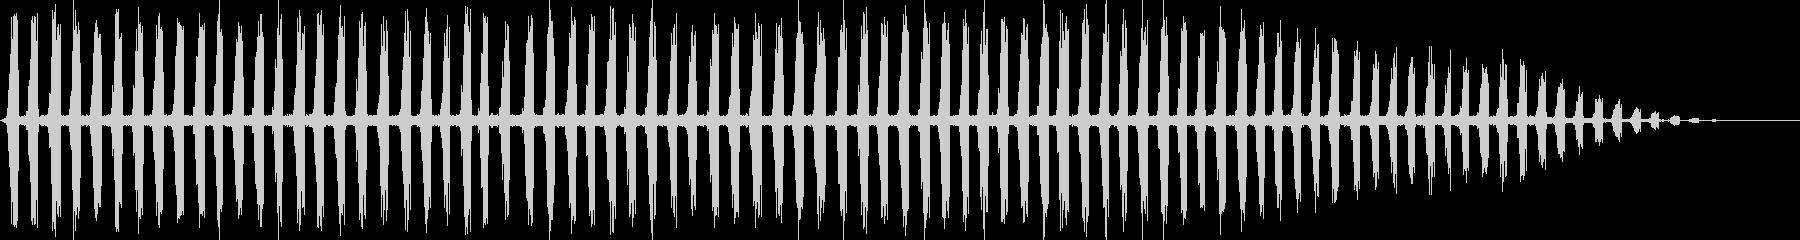 秋を思わせる虫の声をメインにした自然音の未再生の波形